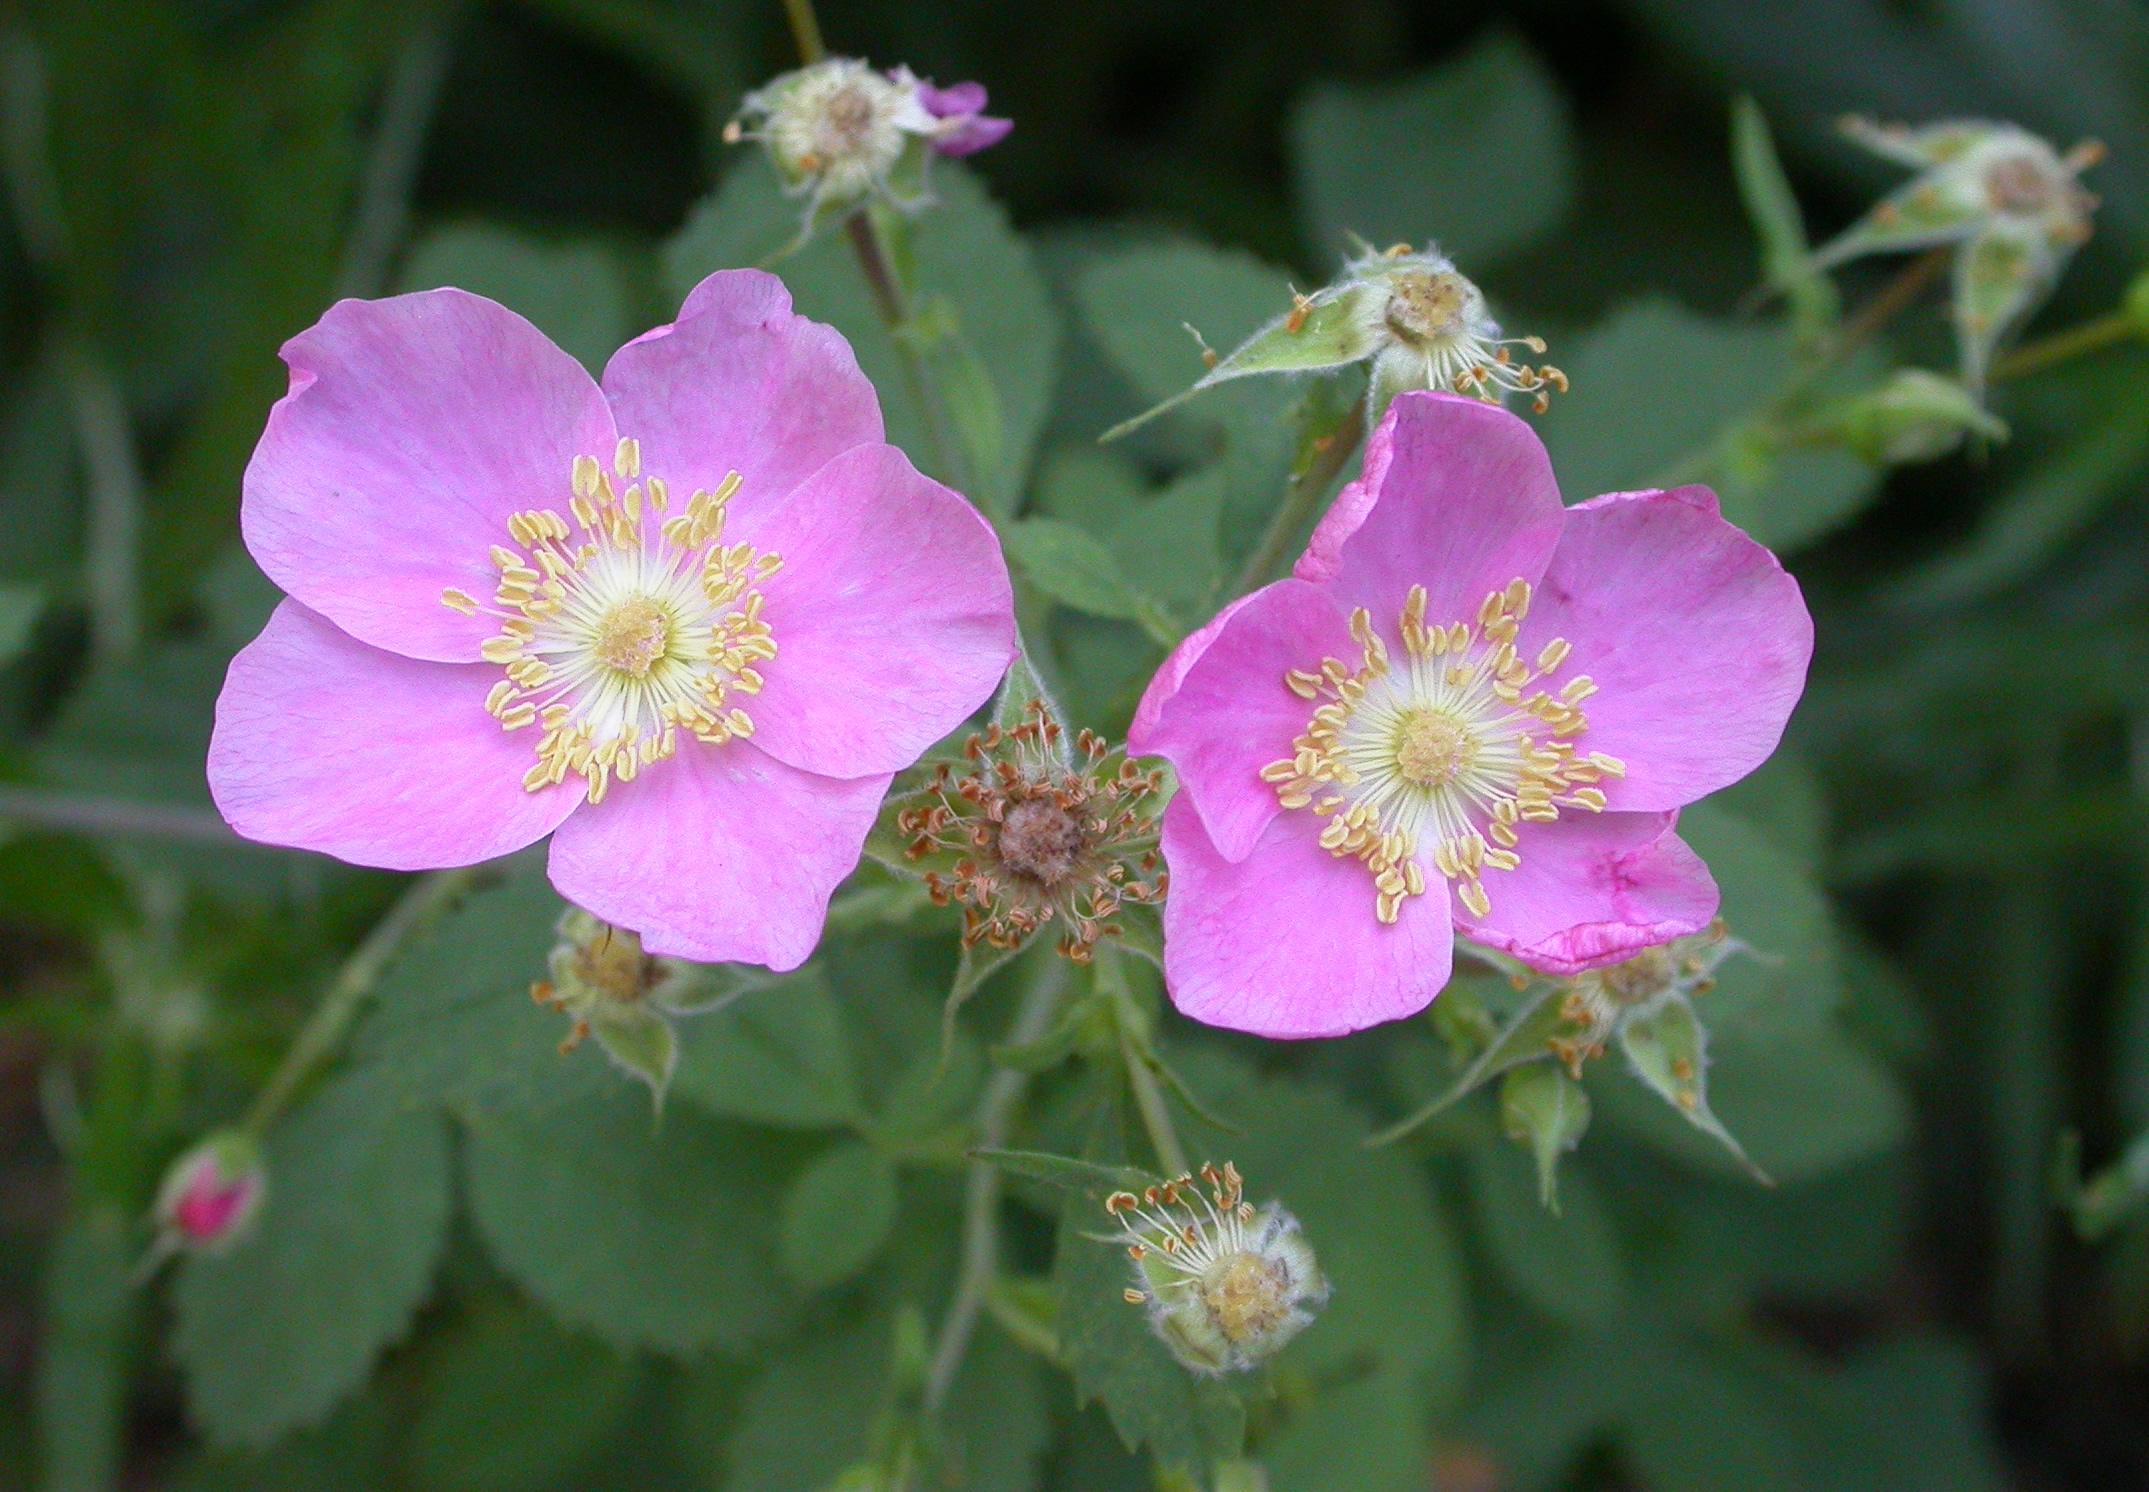 rosa blomma namn